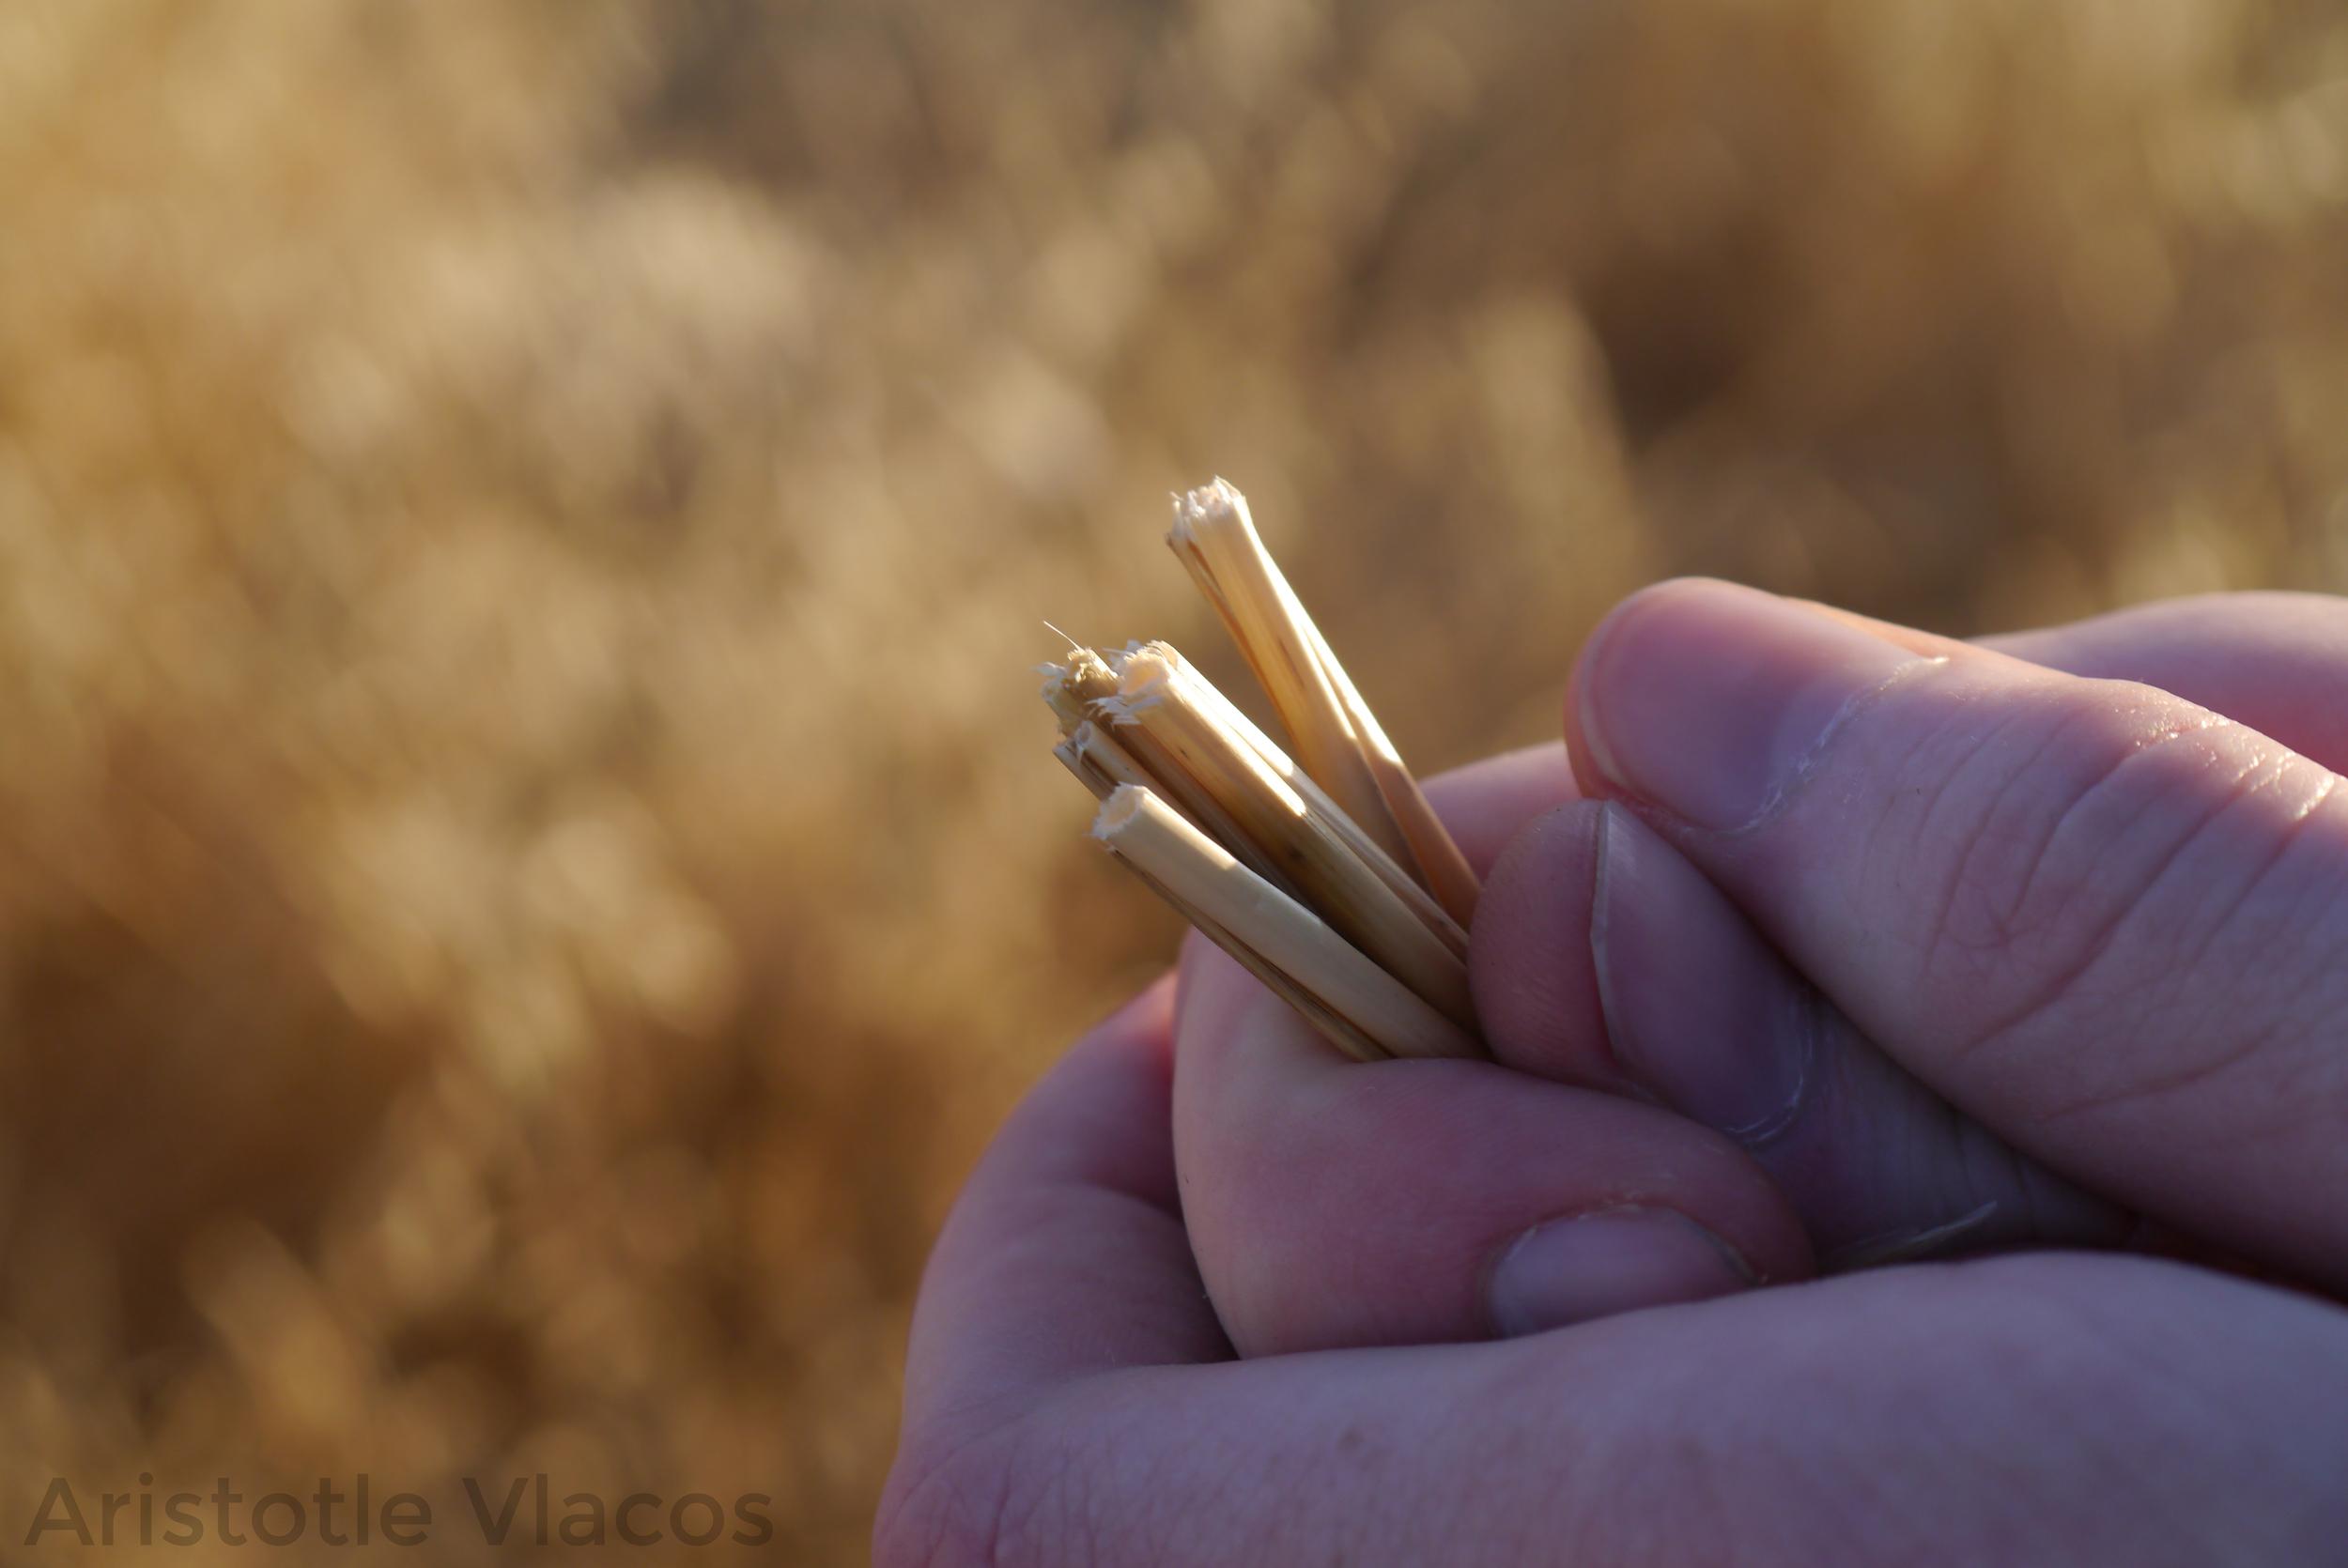 straw_hands.jpg